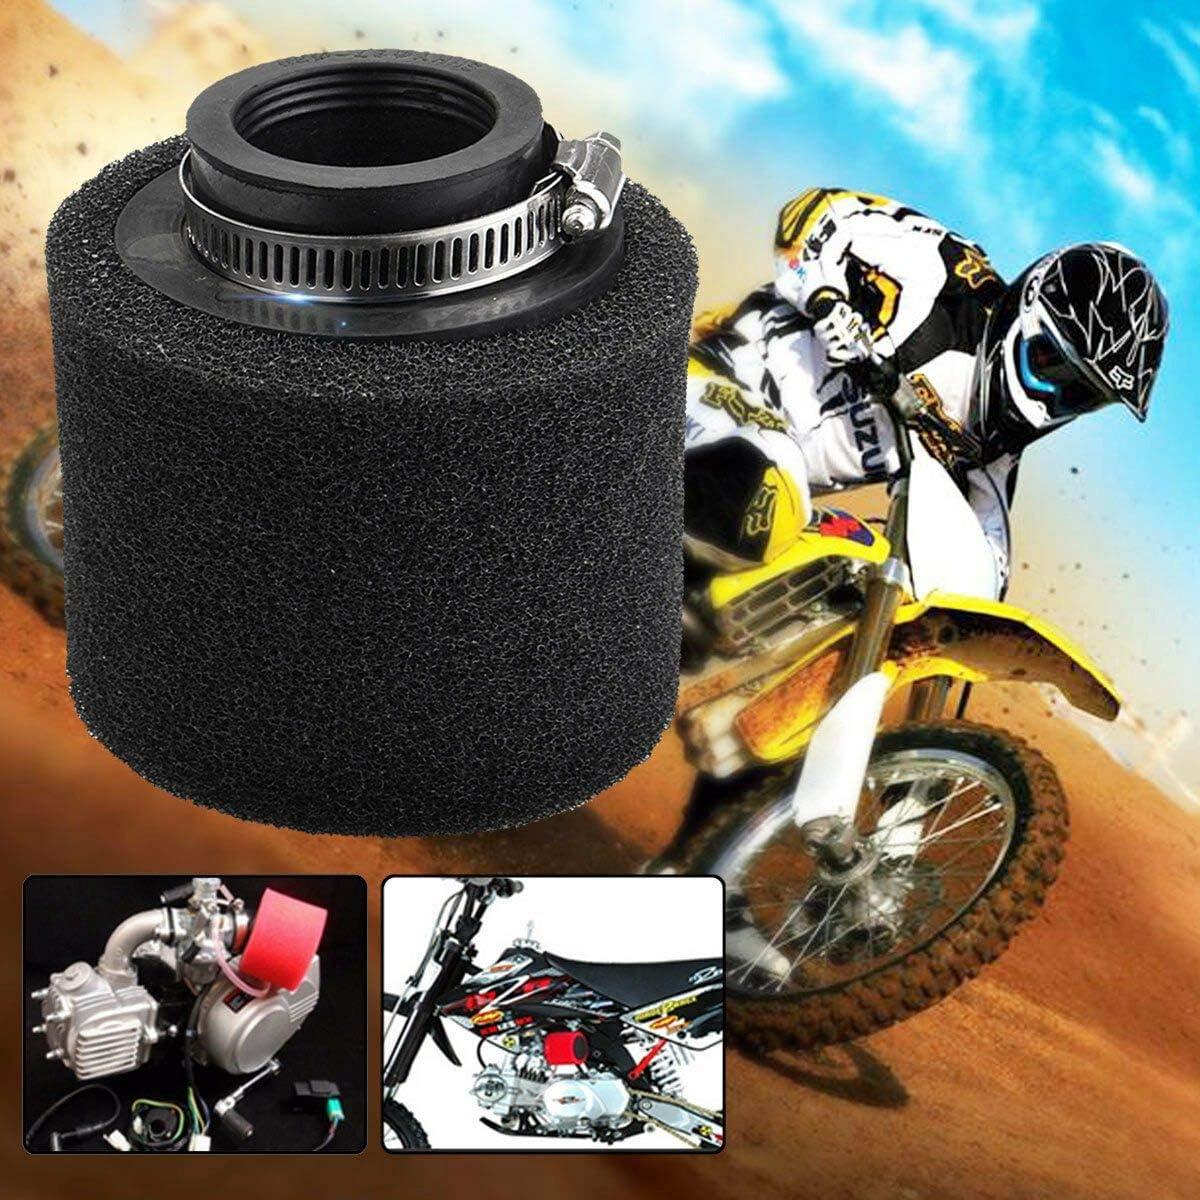 38 mm Kamenda Doppel-Schaumstoff-Luftfilter Schwarz 110 // 125 // 150 cc f/ür Pit Dirt Bike Quad ATV Buggy